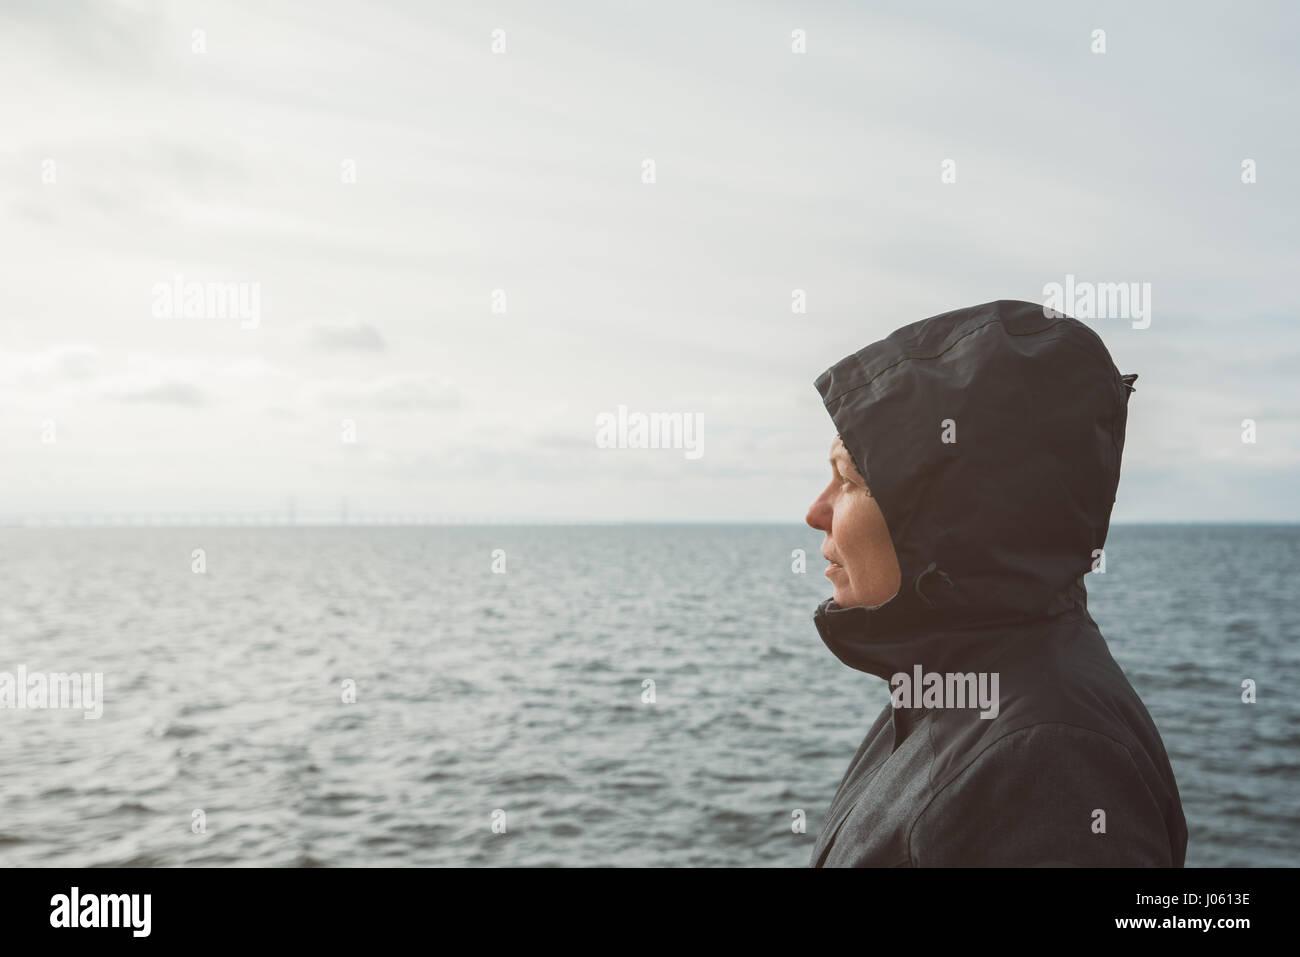 Femme optimiste personne bénéficiant de la lumière du soleil du matin en mer littoral sur la journée Photo Stock